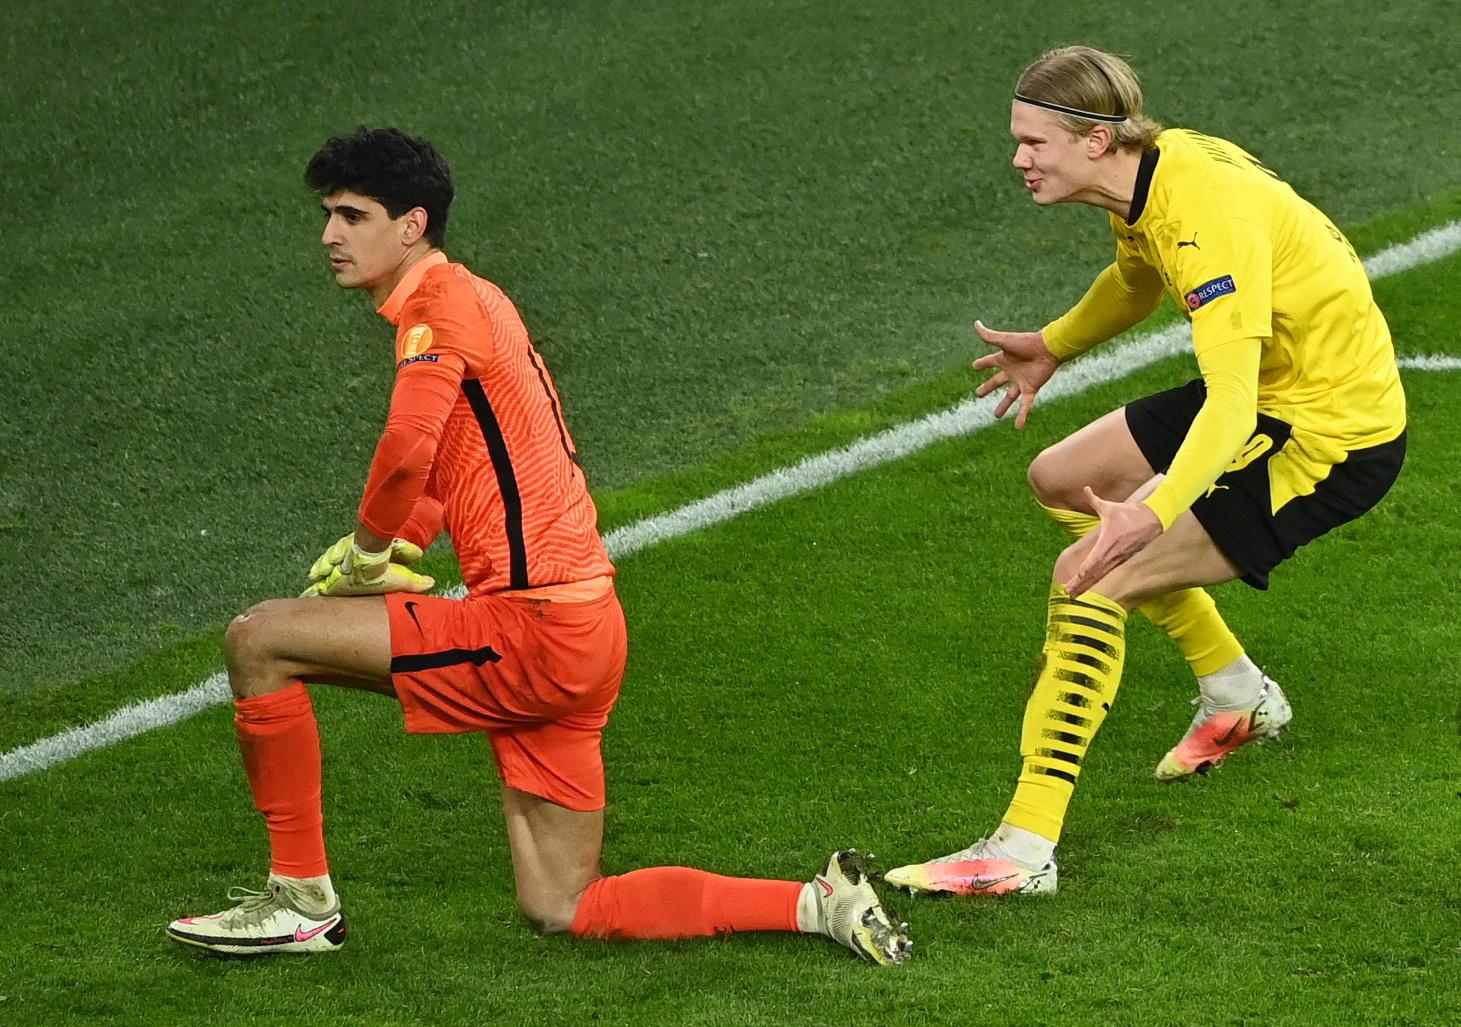 Haaland hét Kiricocho vào Bono sau khi đánh bại thủ môn này trên chấm 11 mét. Ảnh: Reuters